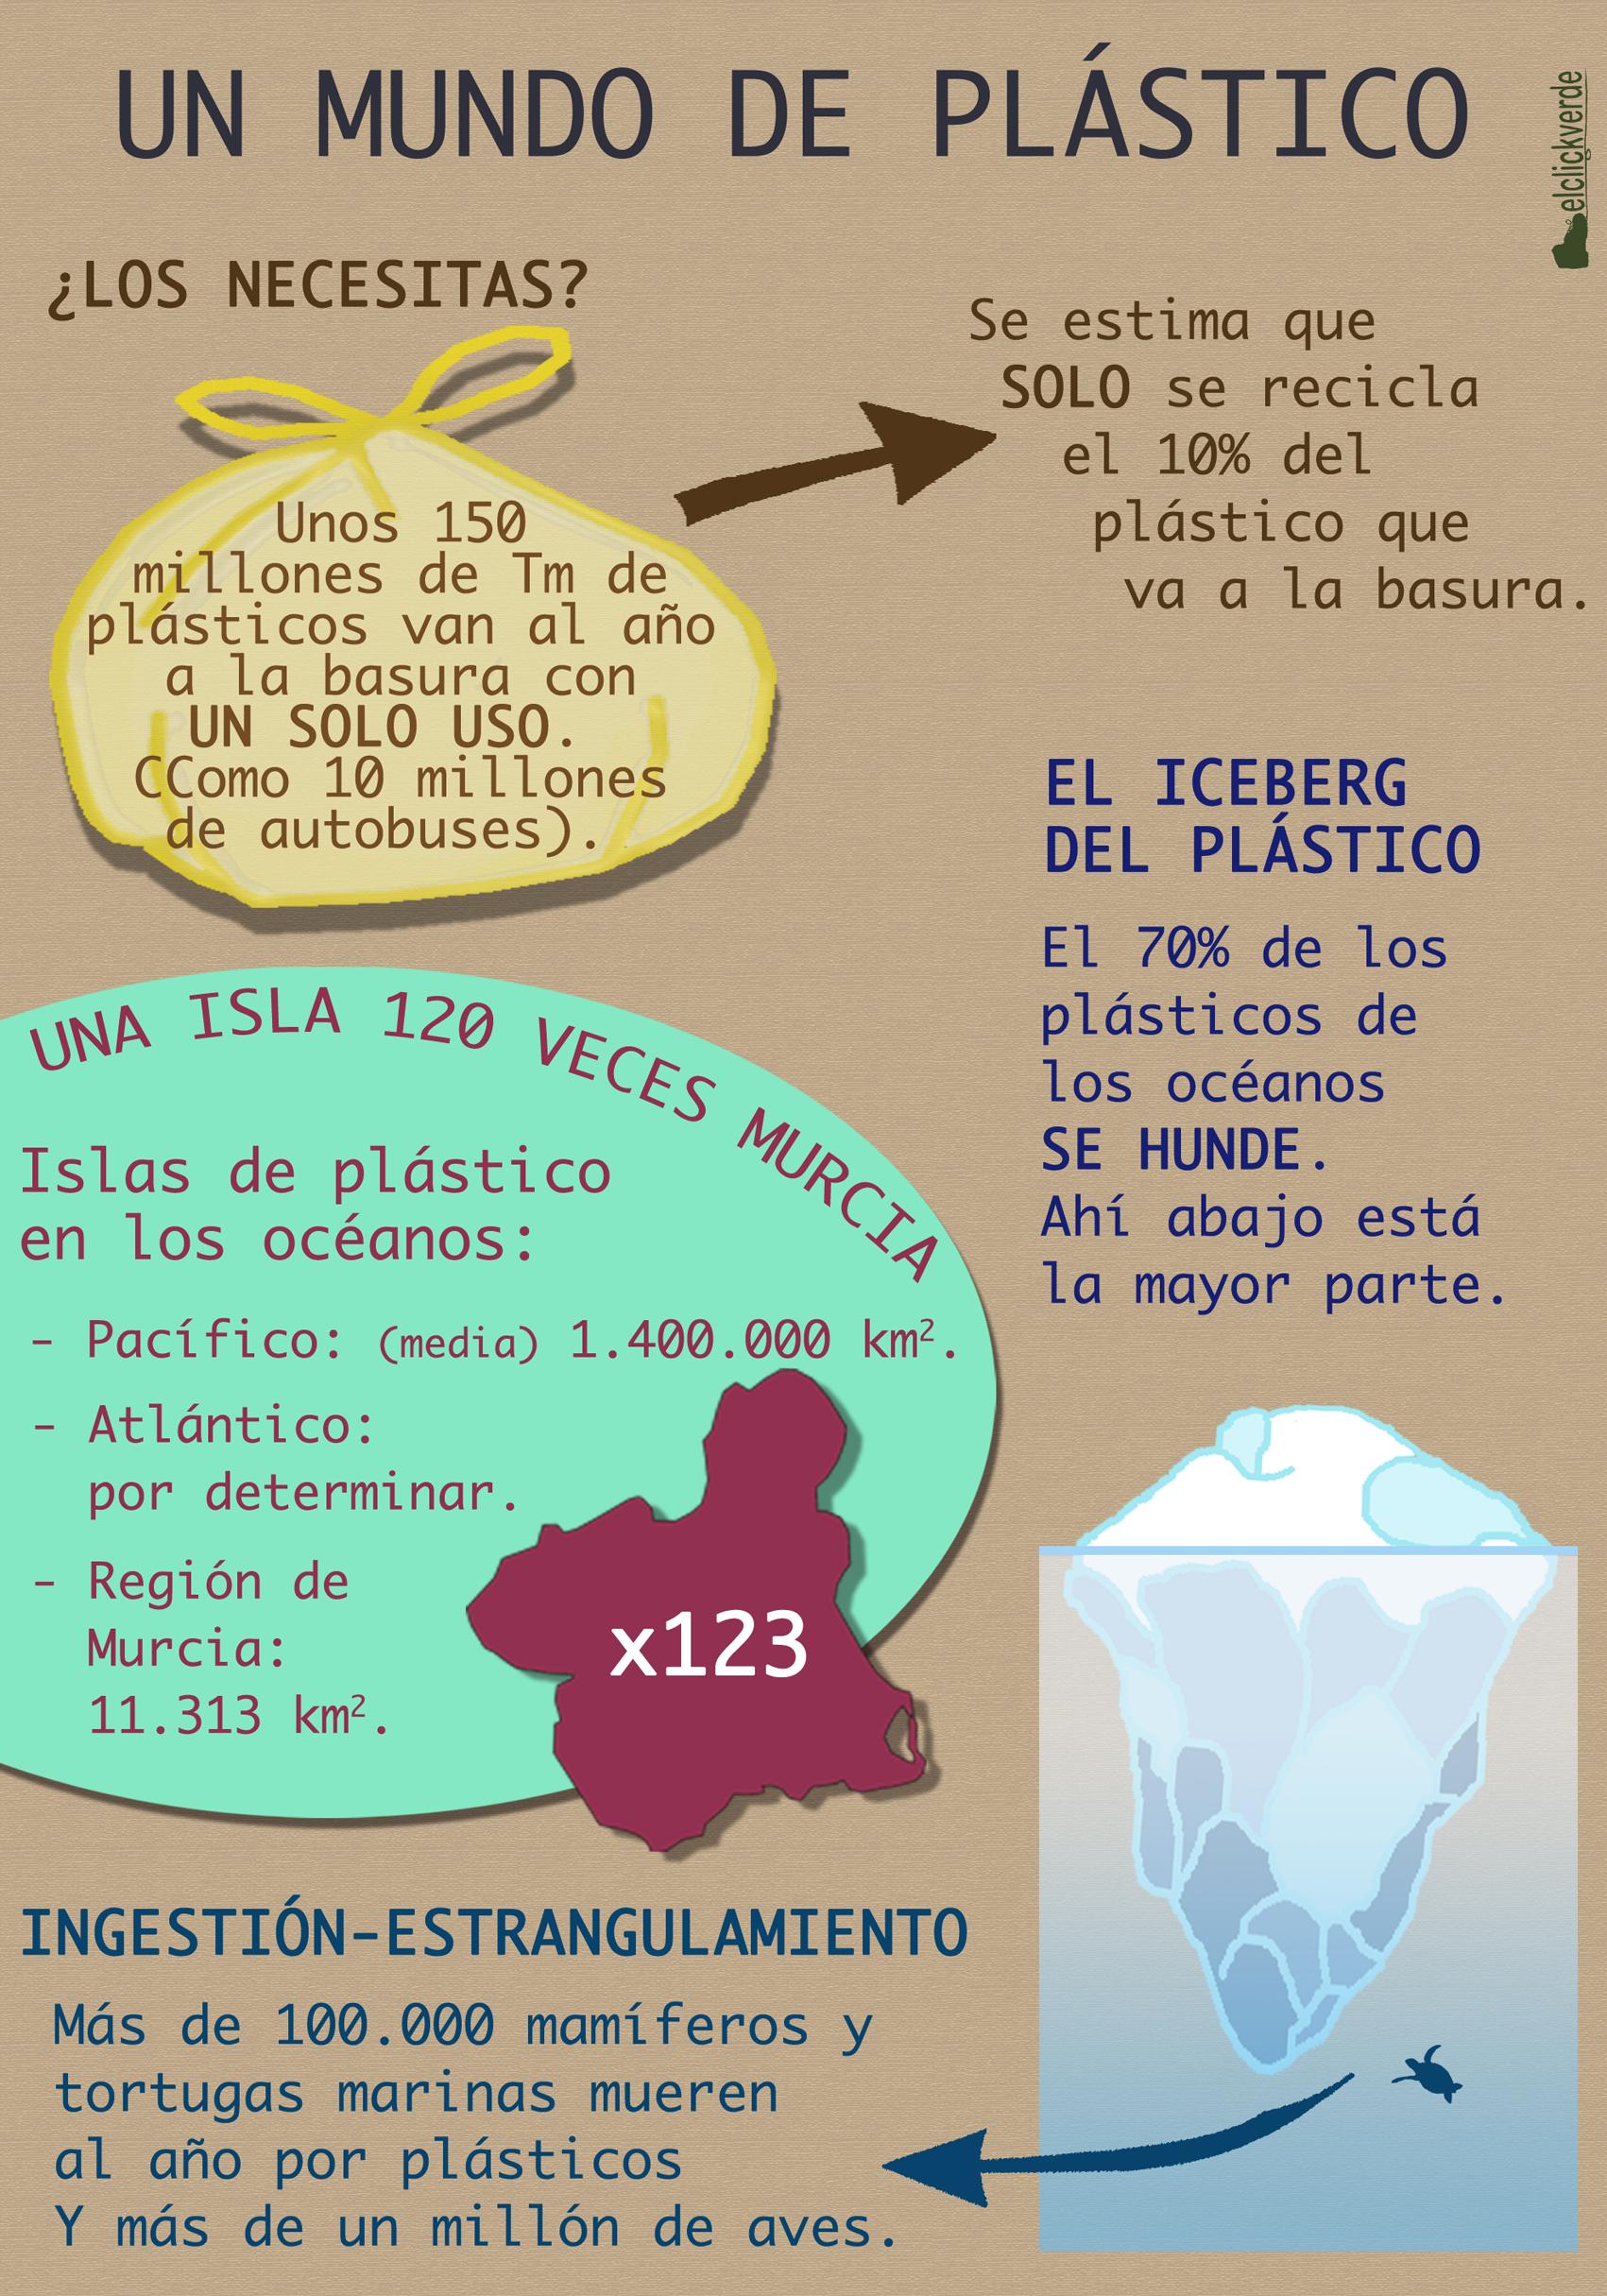 Infografía que muestra apenas una parte de los inconvenientes del mal uso y gestión del pástico.